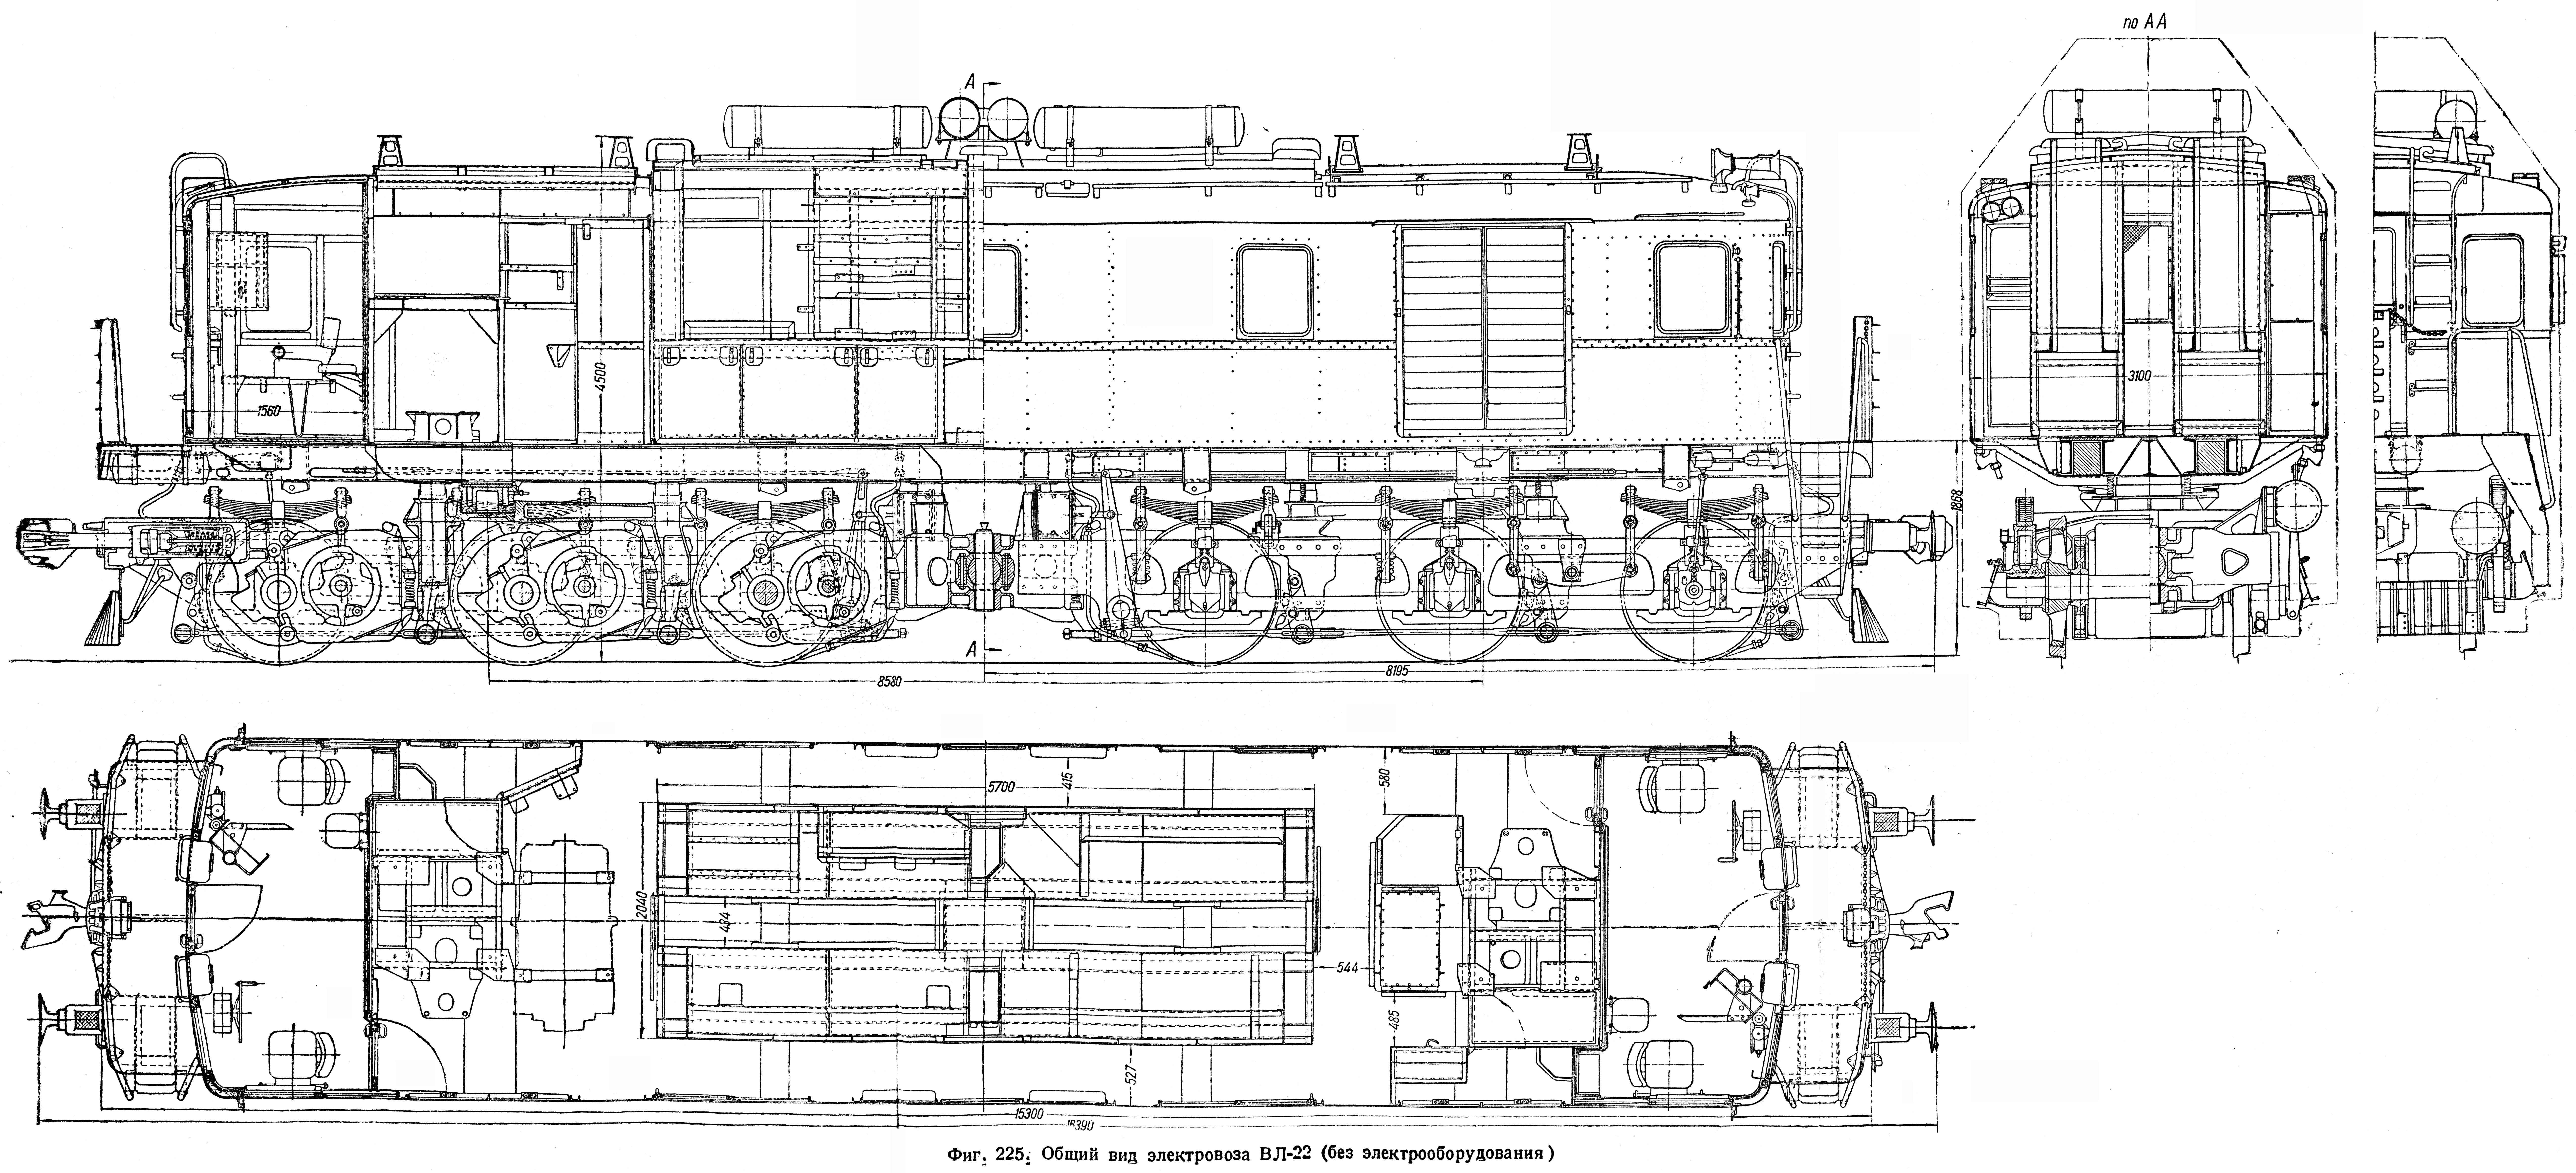 Locomotive vl22 blueprint download free blueprint for 3d modeling vl22 blueprint malvernweather Gallery